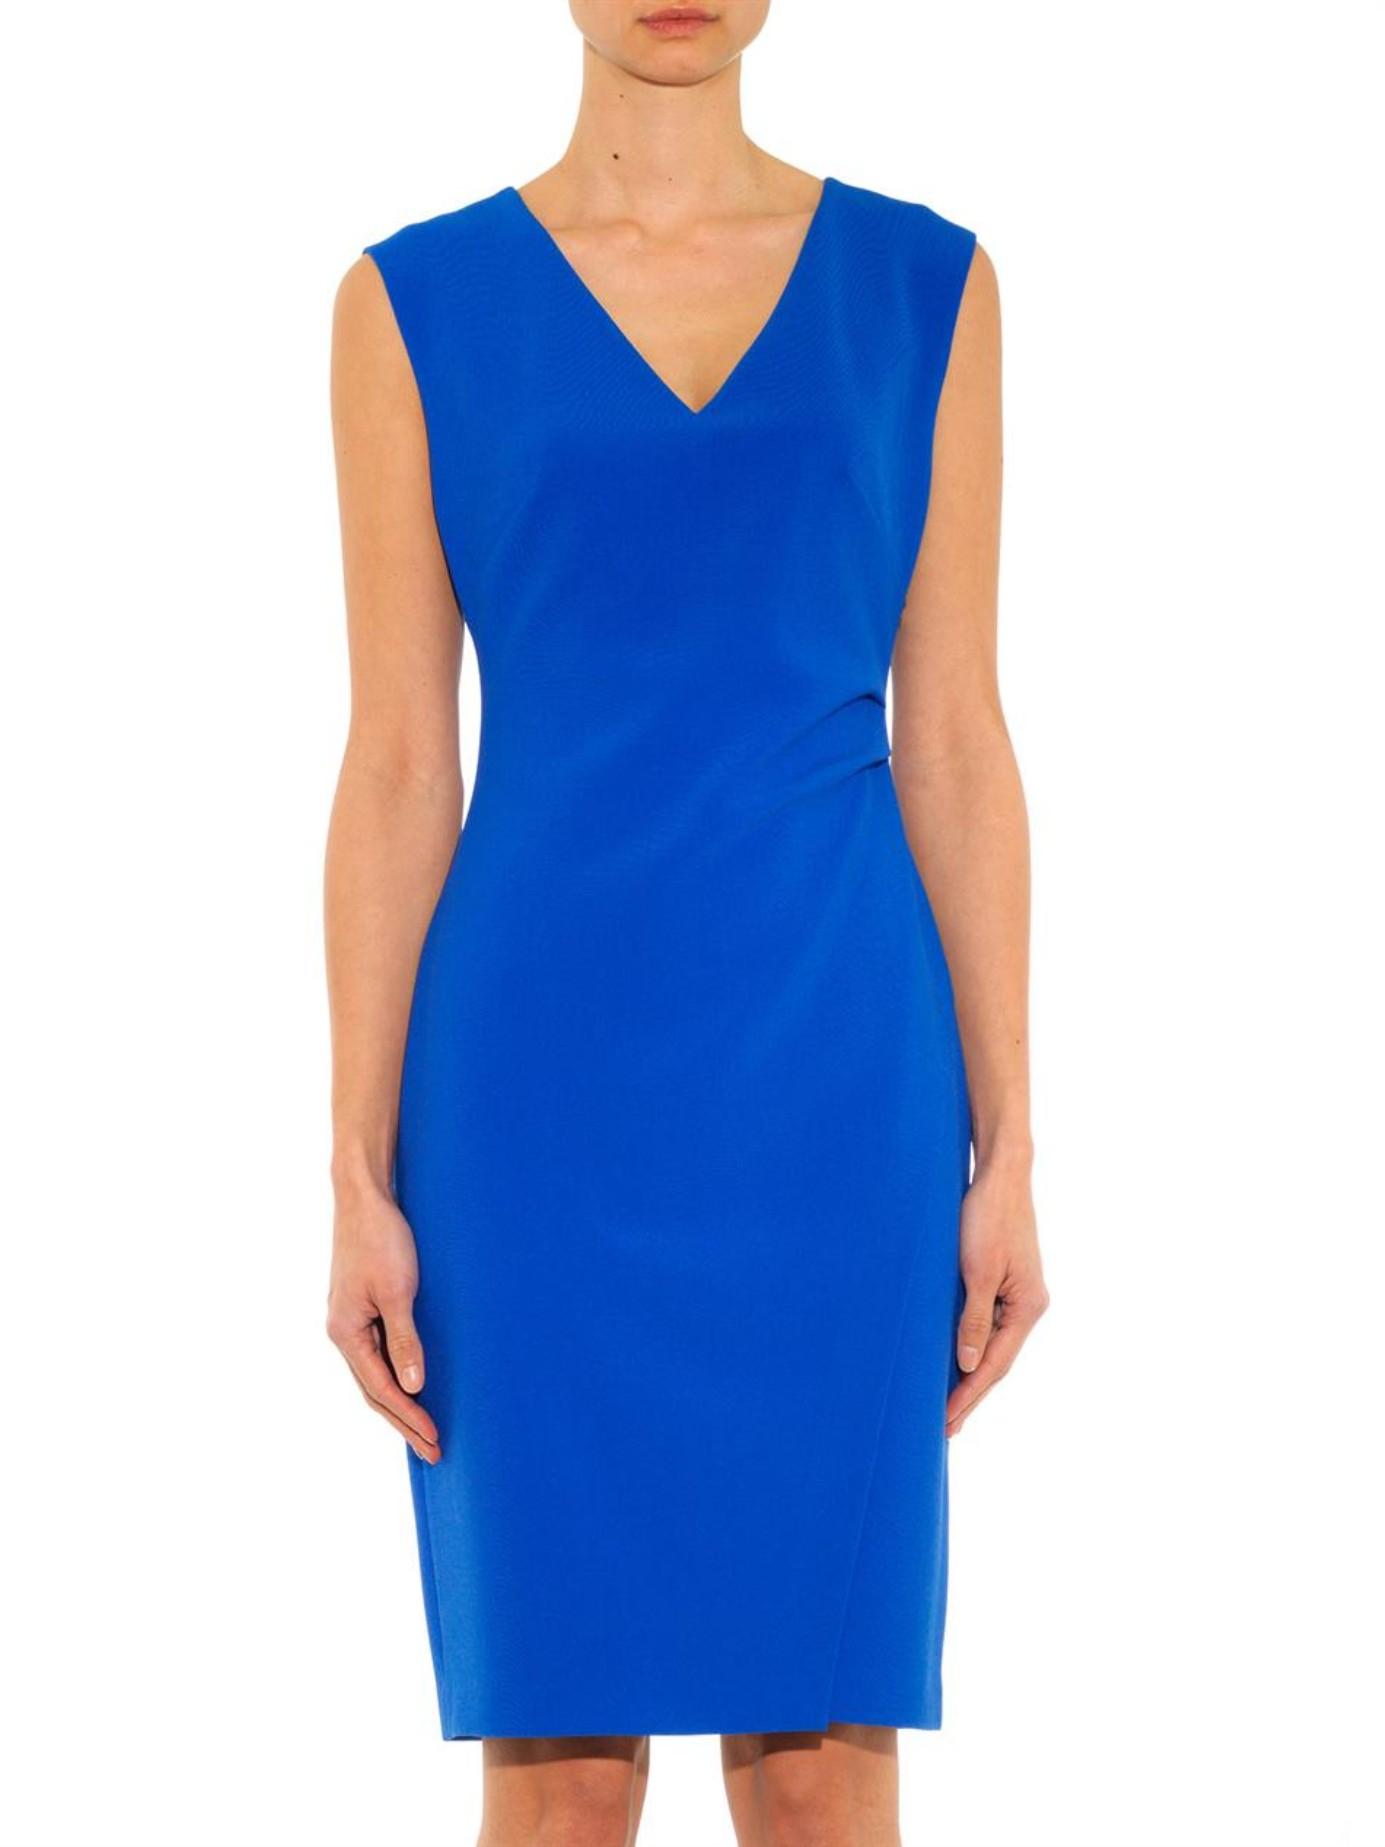 Diane von furstenberg Megan Dress in Blue - Lyst